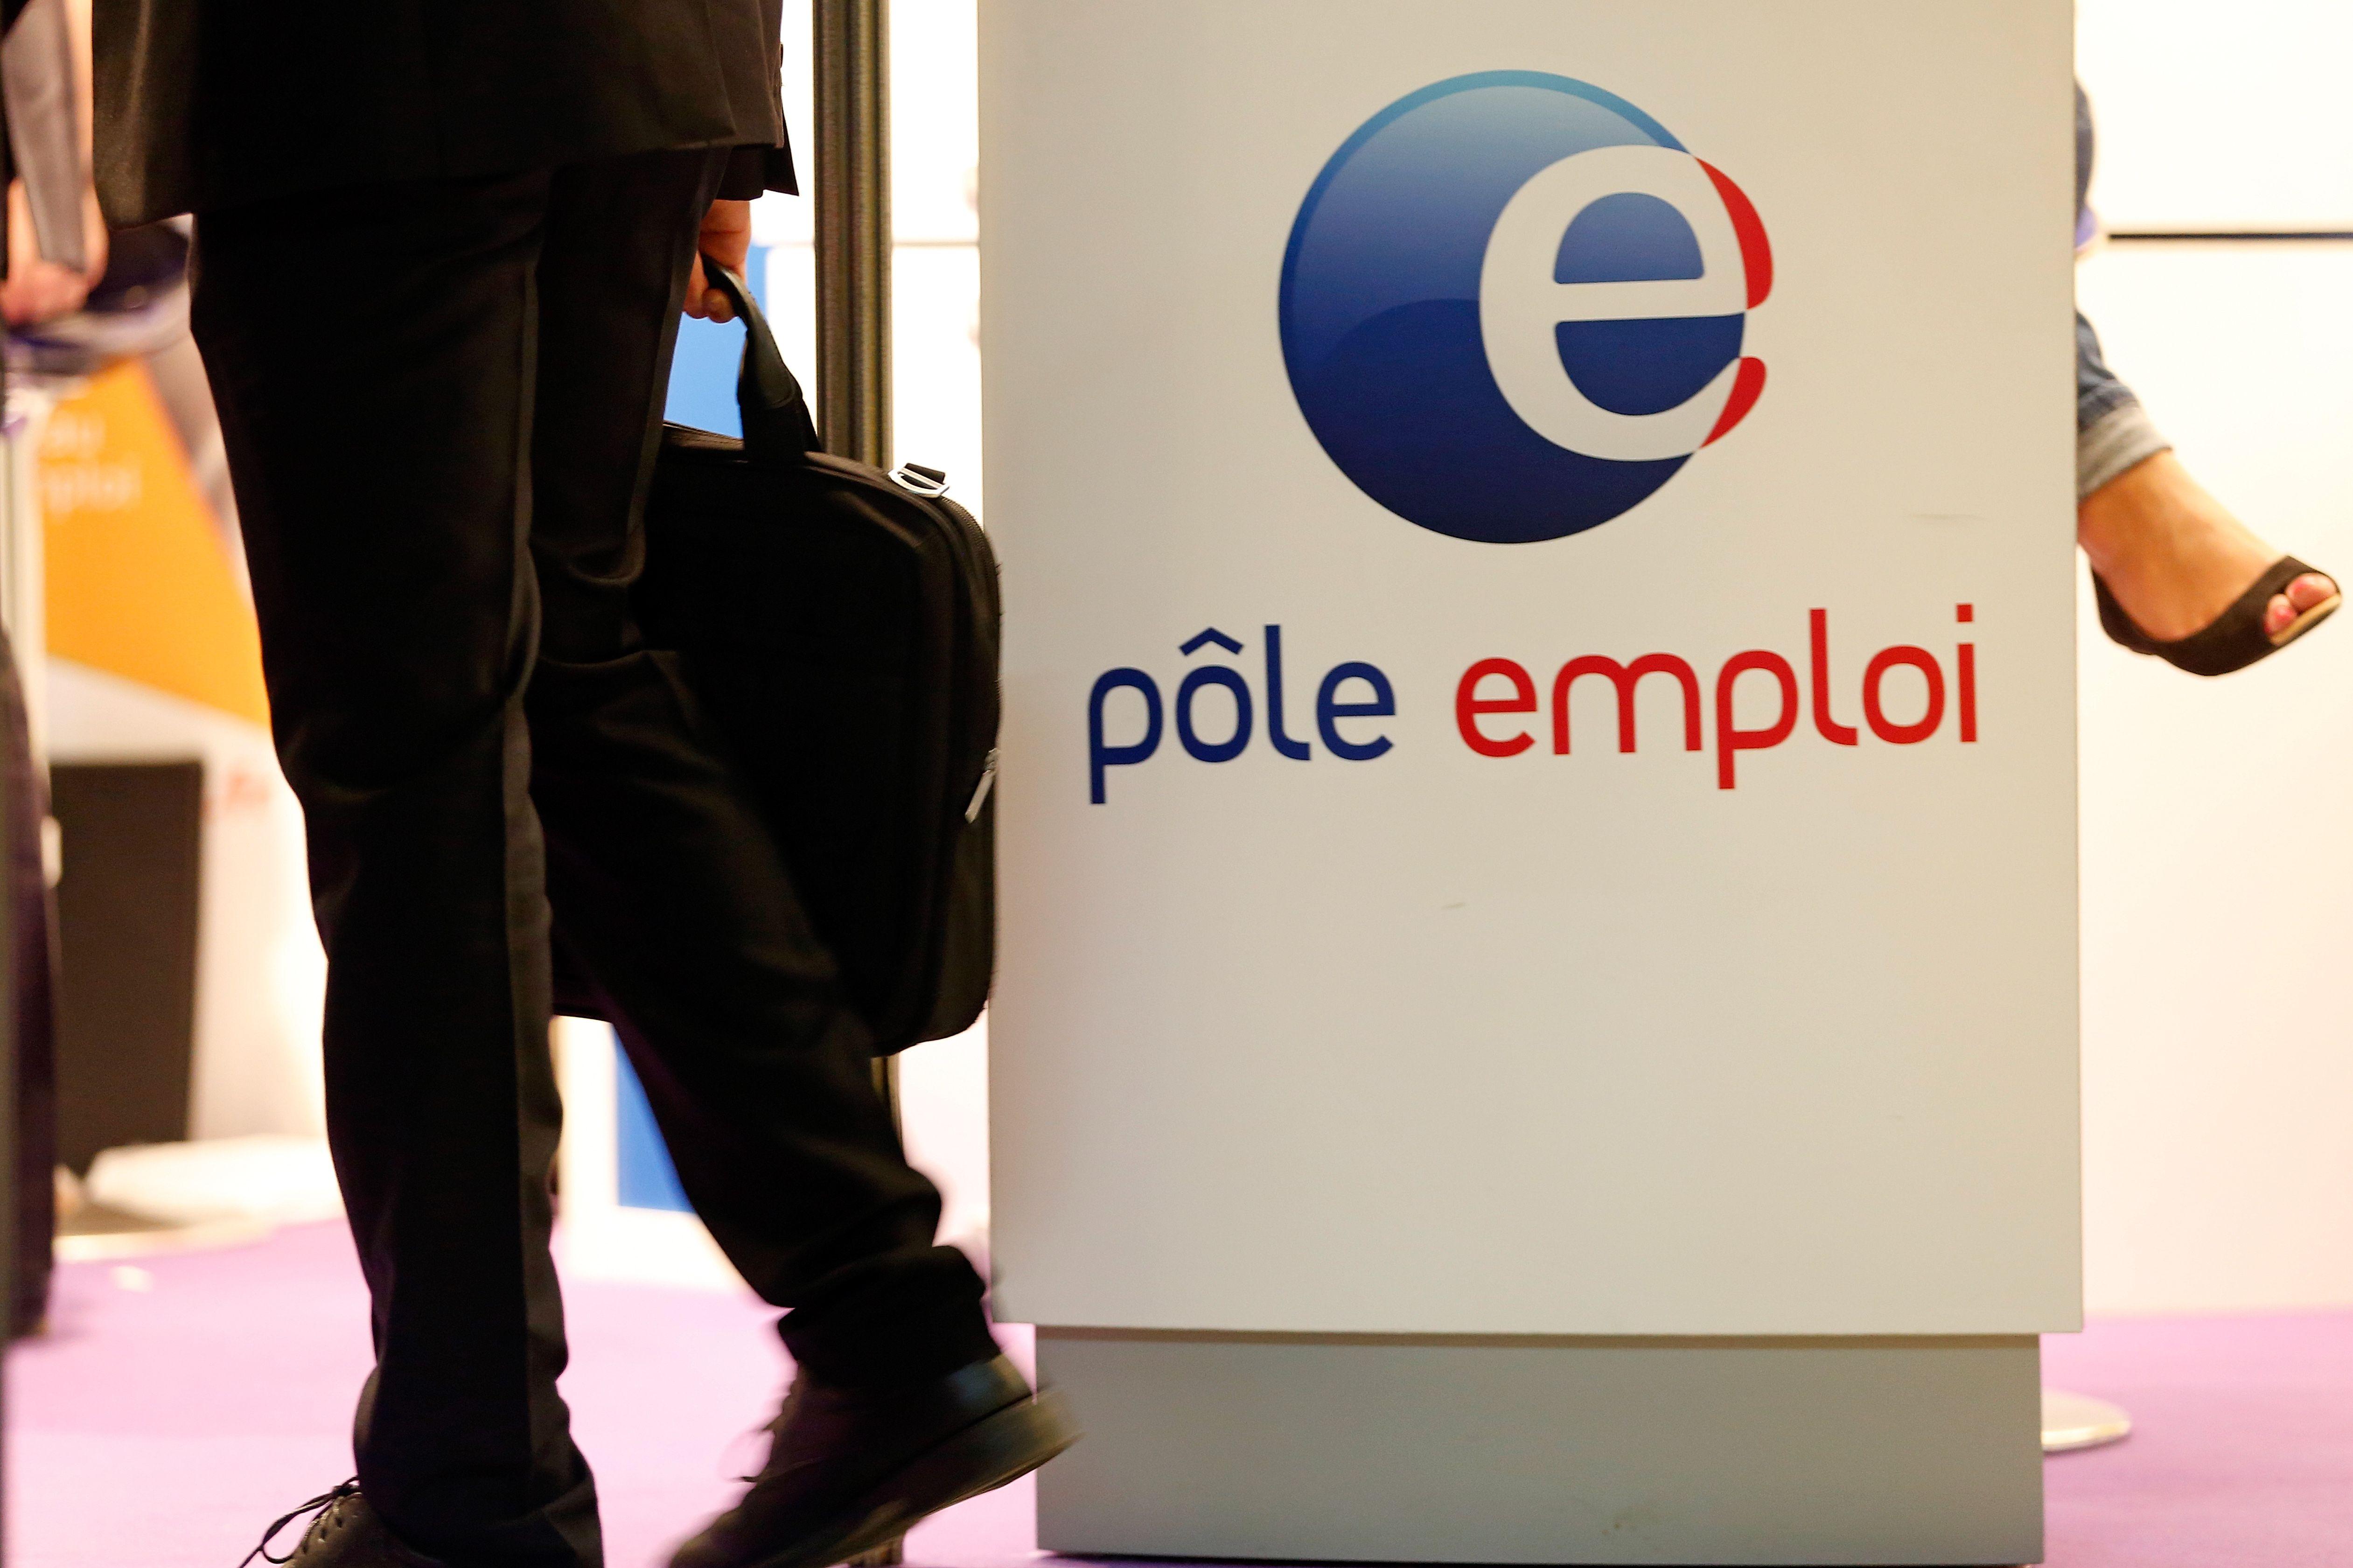 Le chômage peut modifier les comportements des individus.